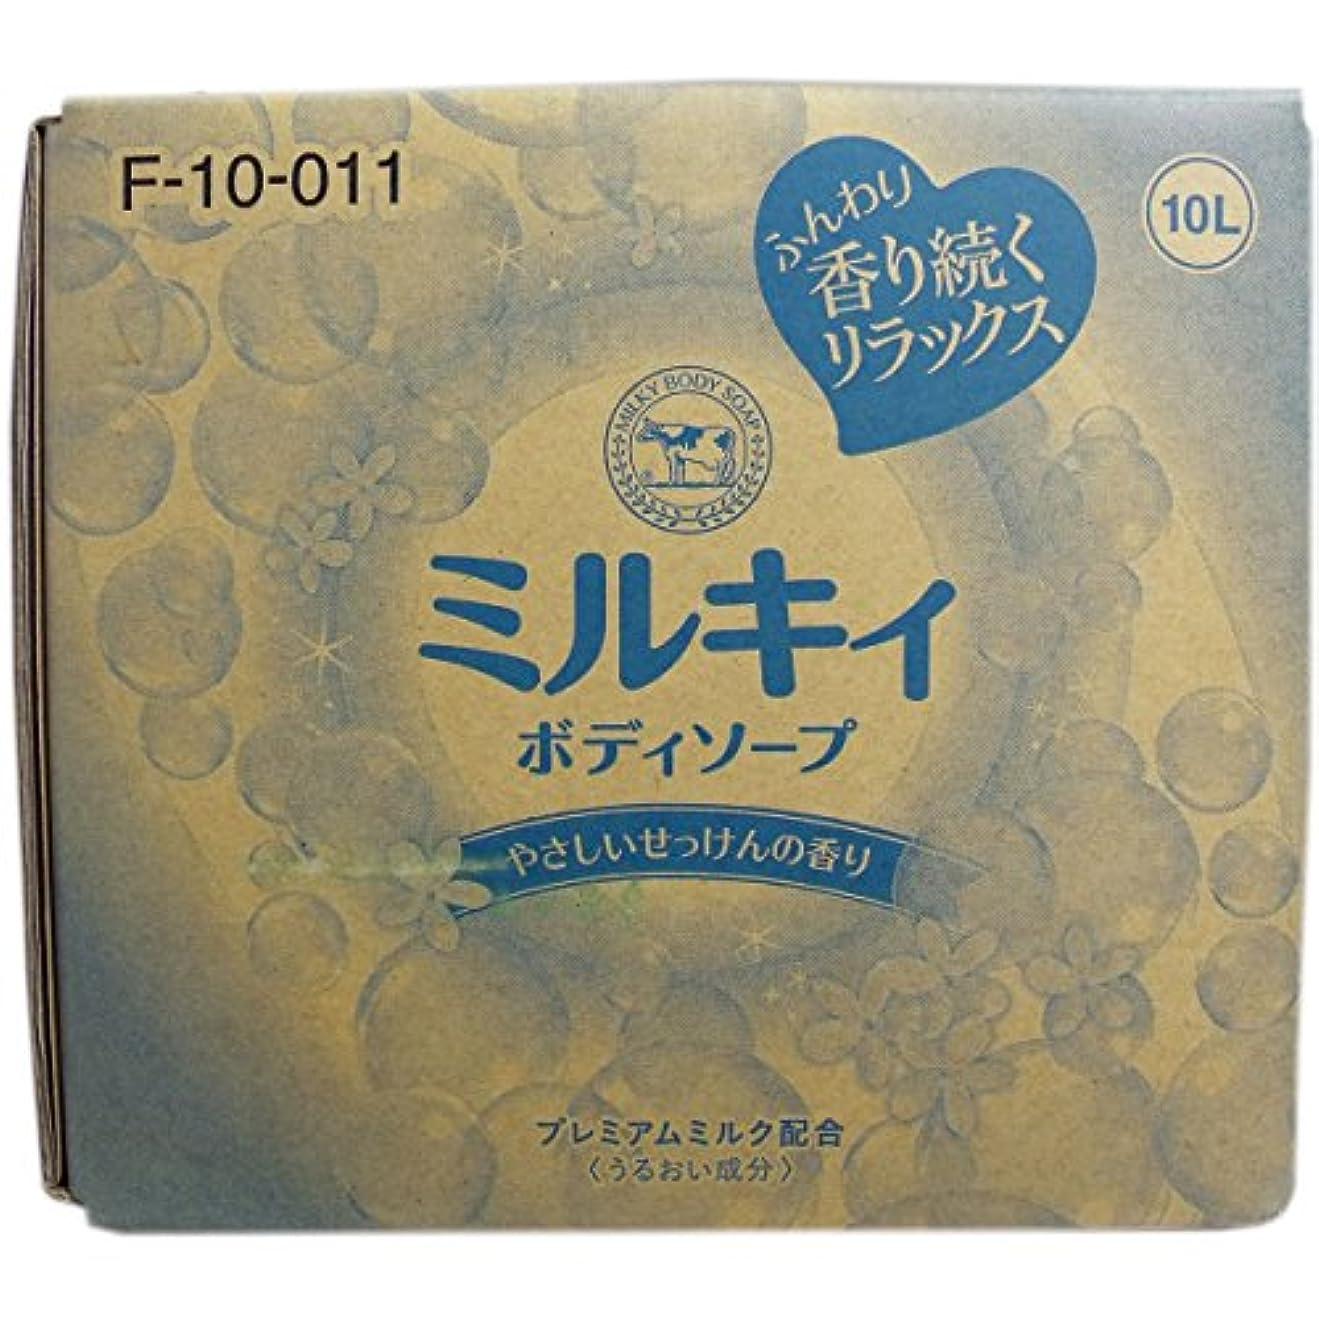 理想的腐敗したシーン業務用ボディーソープ【牛乳石鹸 ミルキィボディソープ やさしいせっけんの香り 10L】